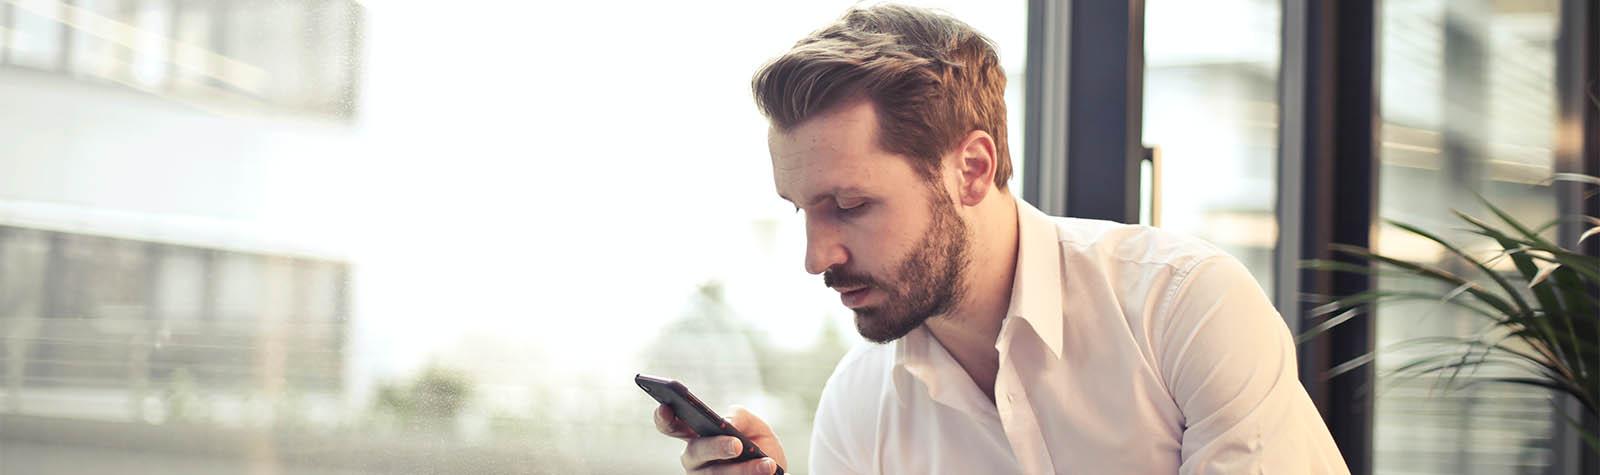 Wat kun je doen als je slachtoffer bent van WhatsApp-fraude?